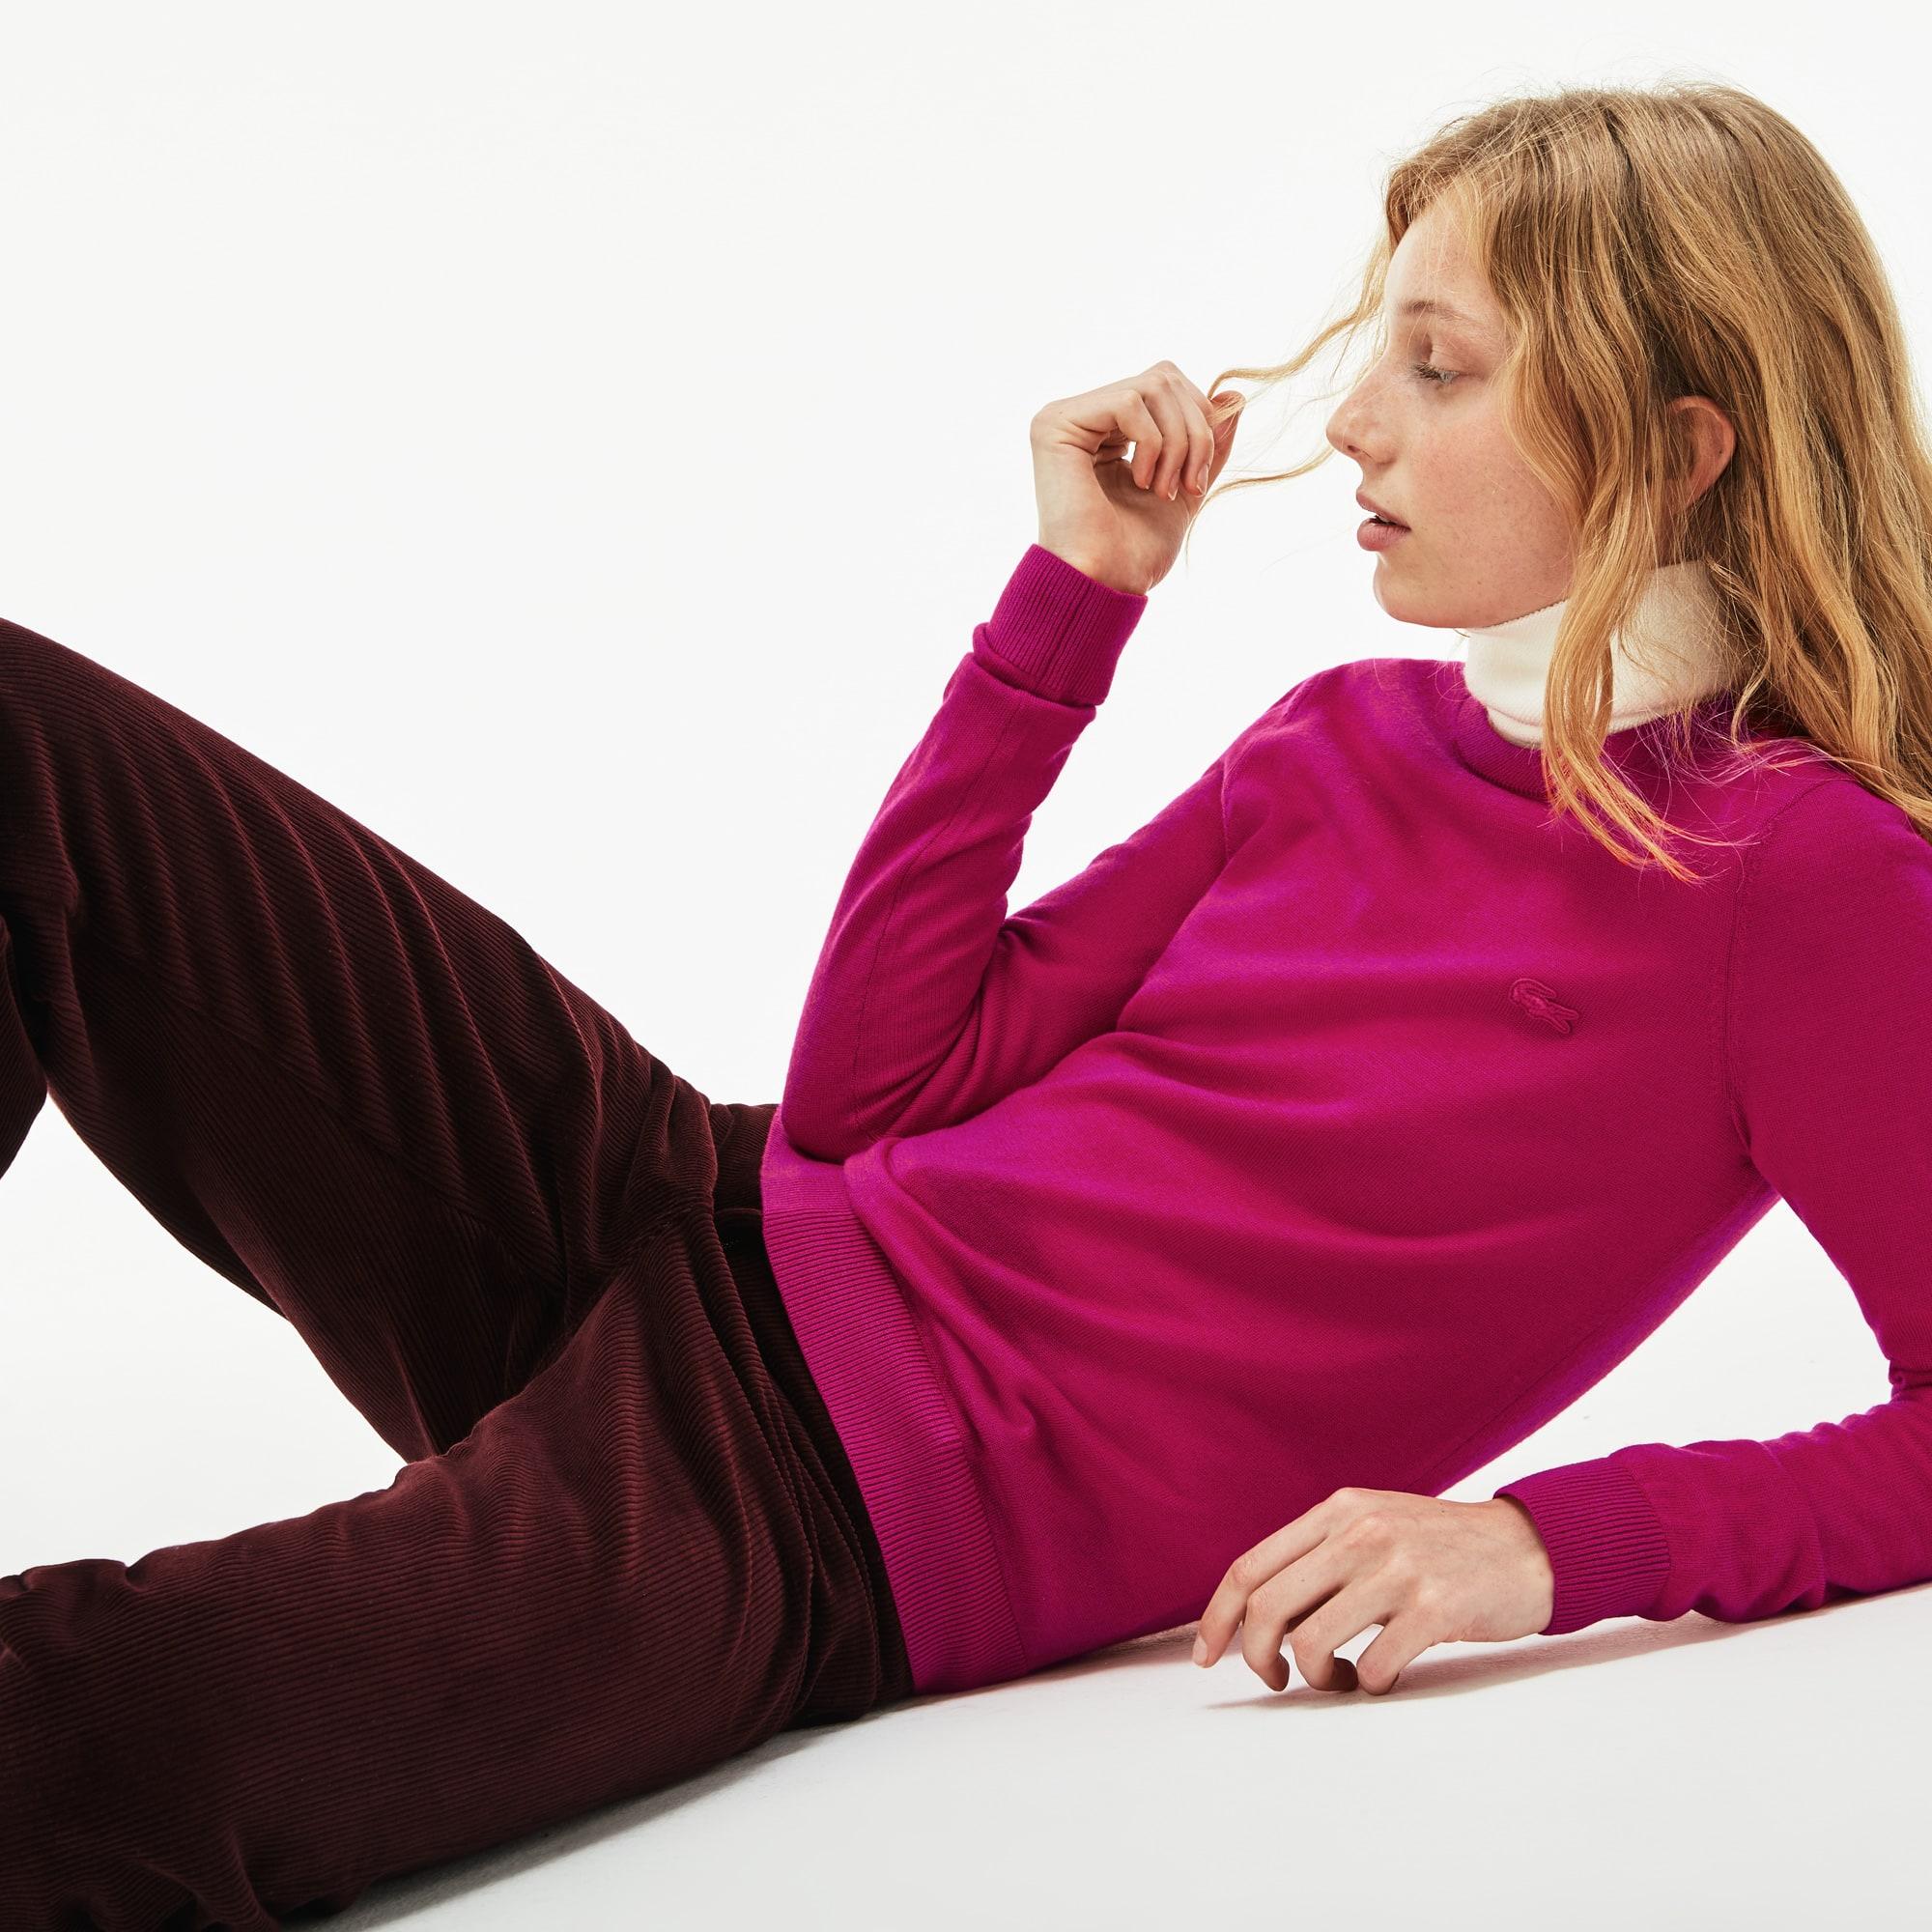 Artikel klicken und genauer betrachten! - Mit seinen Fischgrätmuster-Details an Kragen und Bündchen ist dieser Pullover eine angesagte Ergänzung für jedes modische Outfit. Perfekt mit enger Jeans. | im Online Shop kaufen